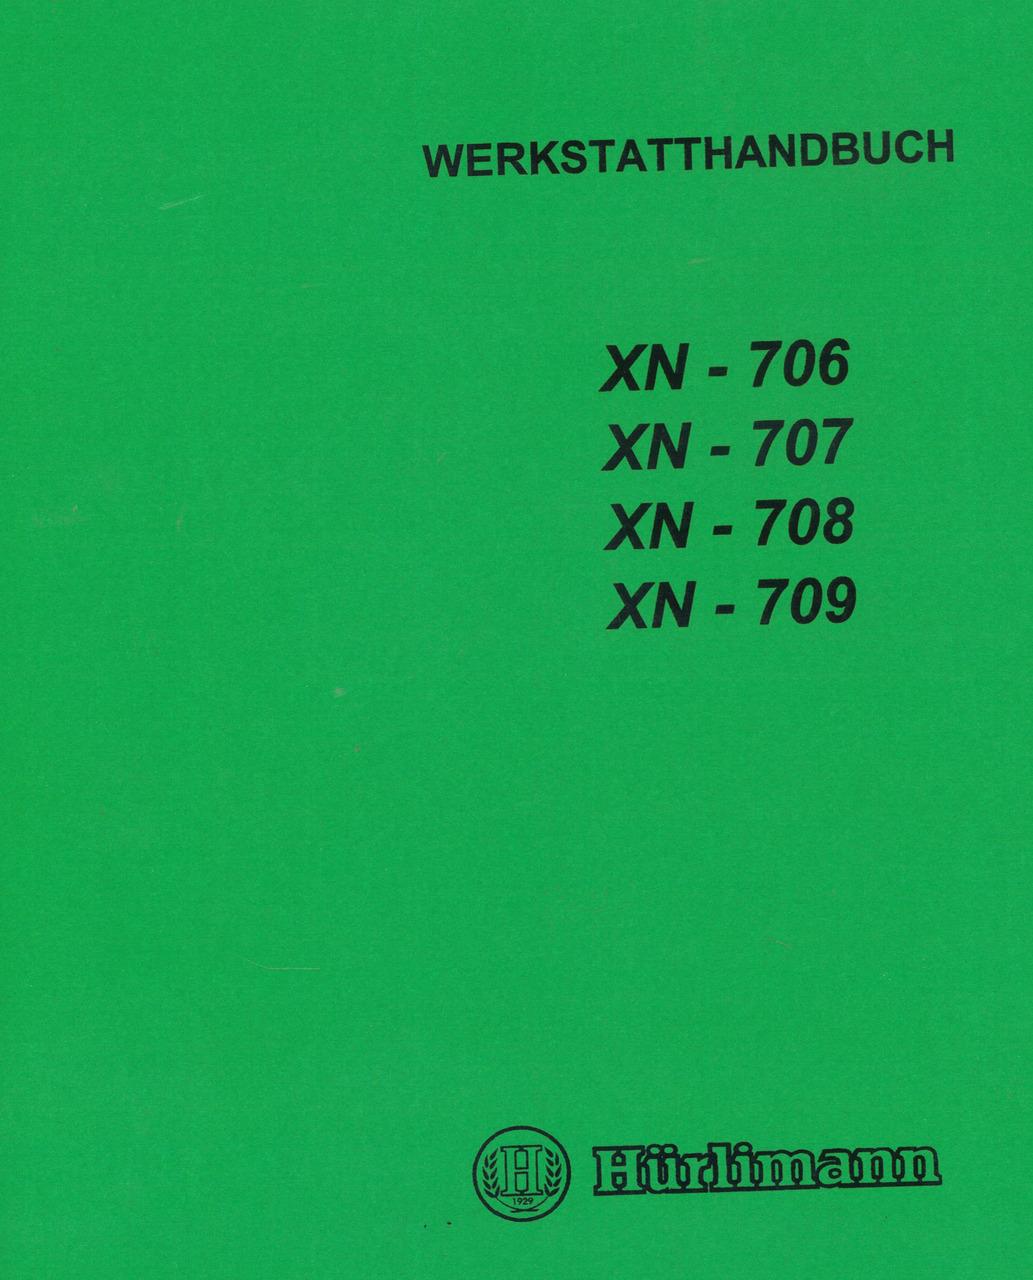 XN 706 - 707 - 708 - 709 - Werkstatthandbuch